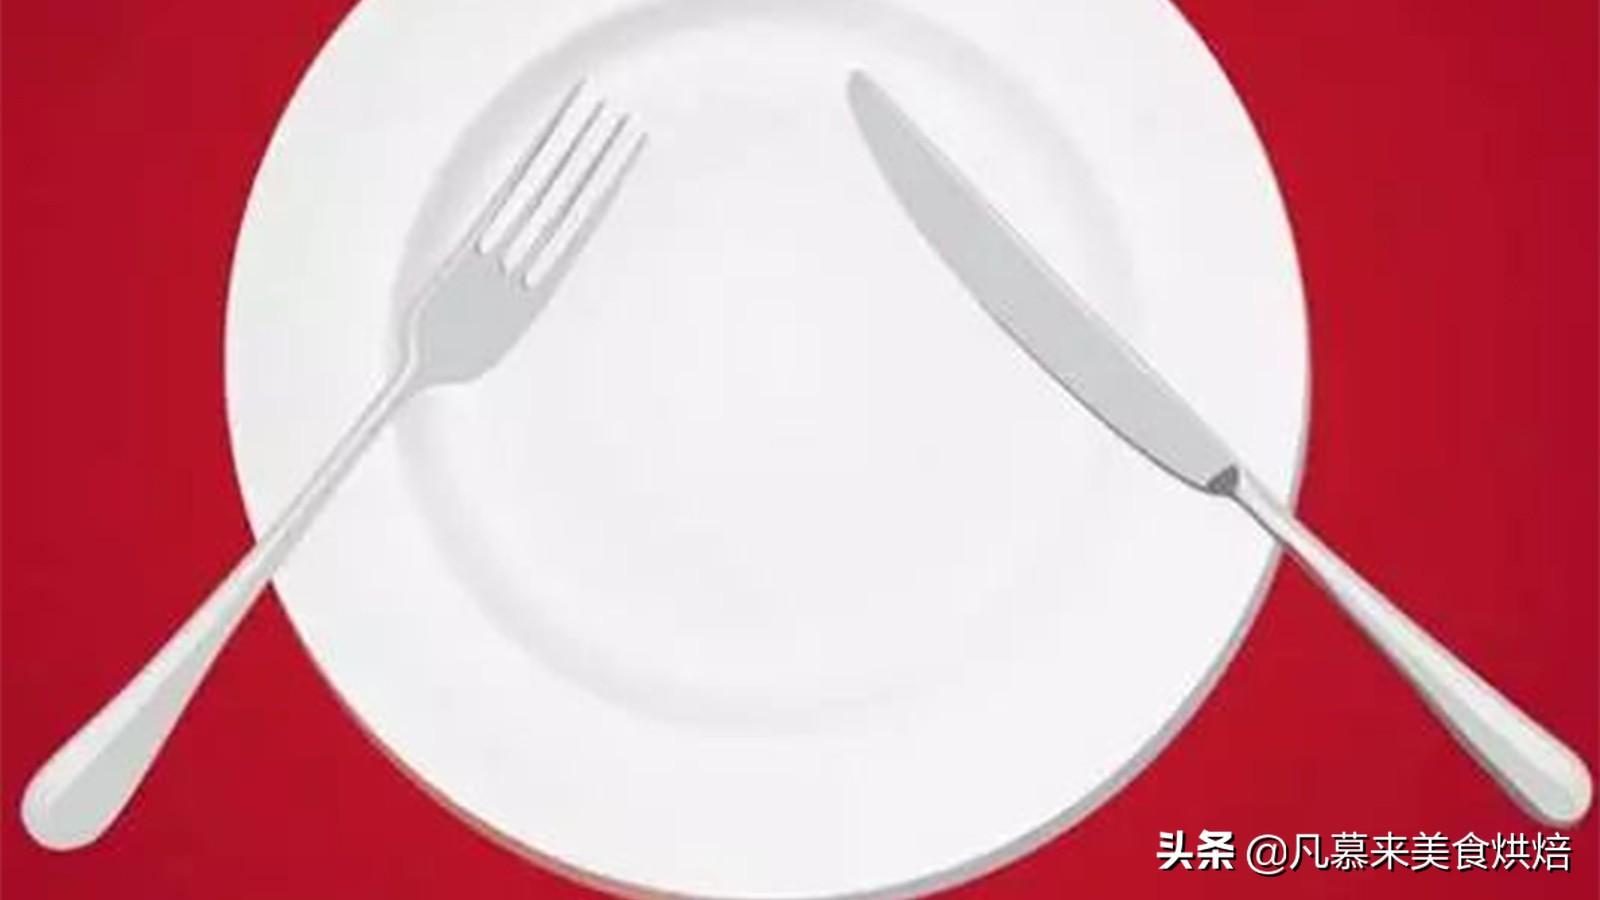 你知道吃牛排刀叉的正确拿法吗?如何切牛排、西餐礼仪有哪些?